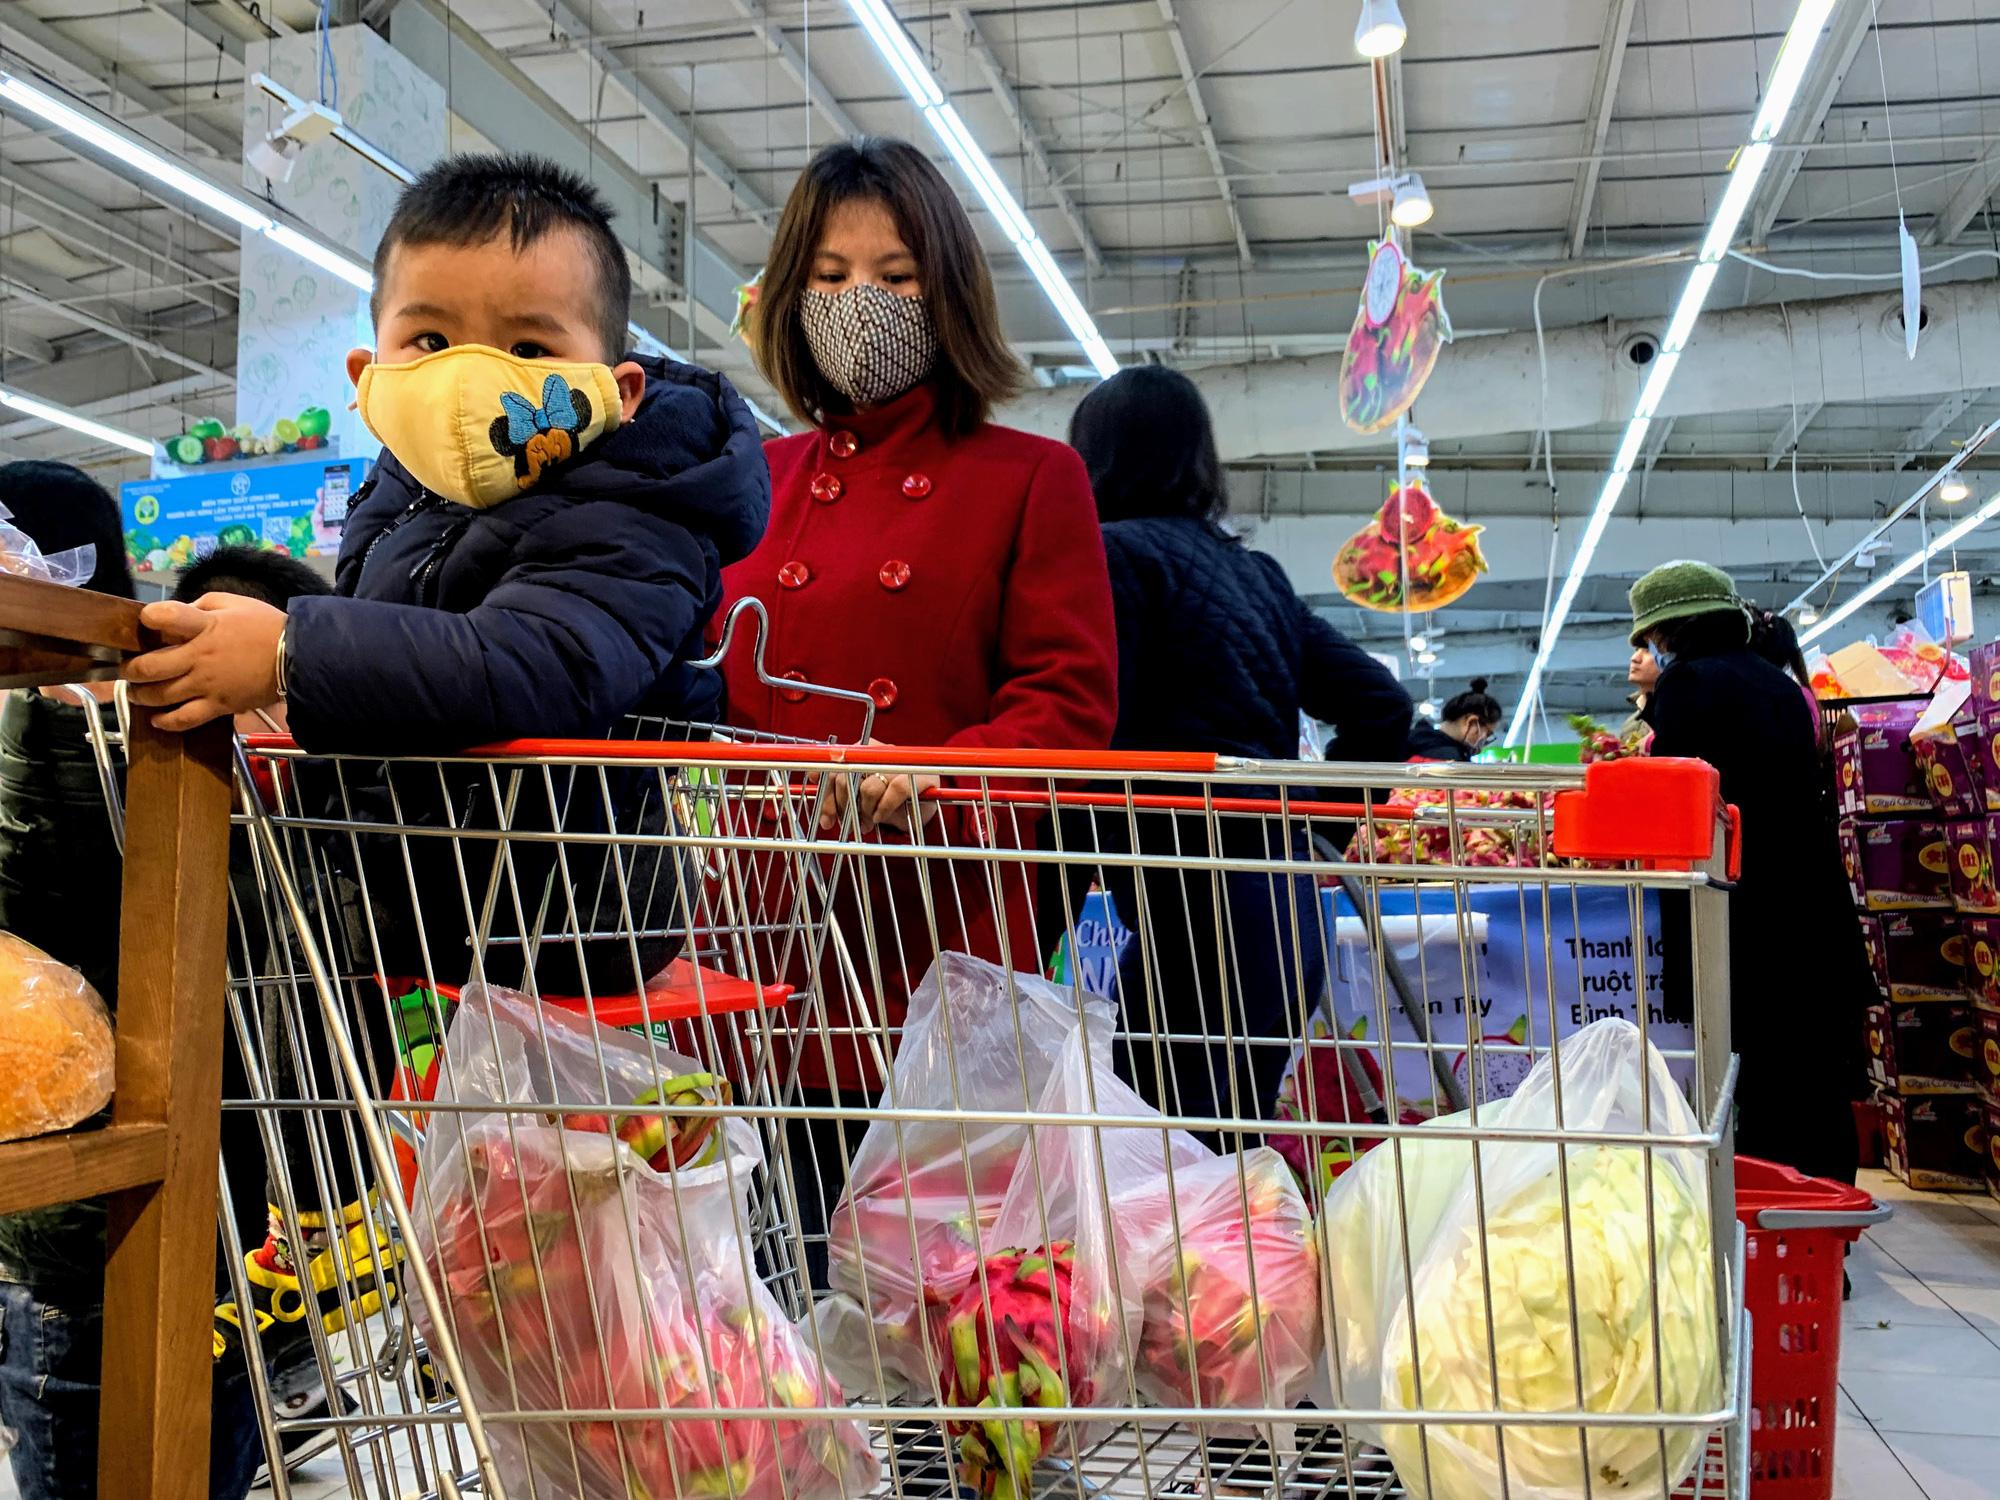 Hàng hoá trở lại đầy ắp trong siêu thị, người dân thảnh thơi mua sắm - Ảnh 9.